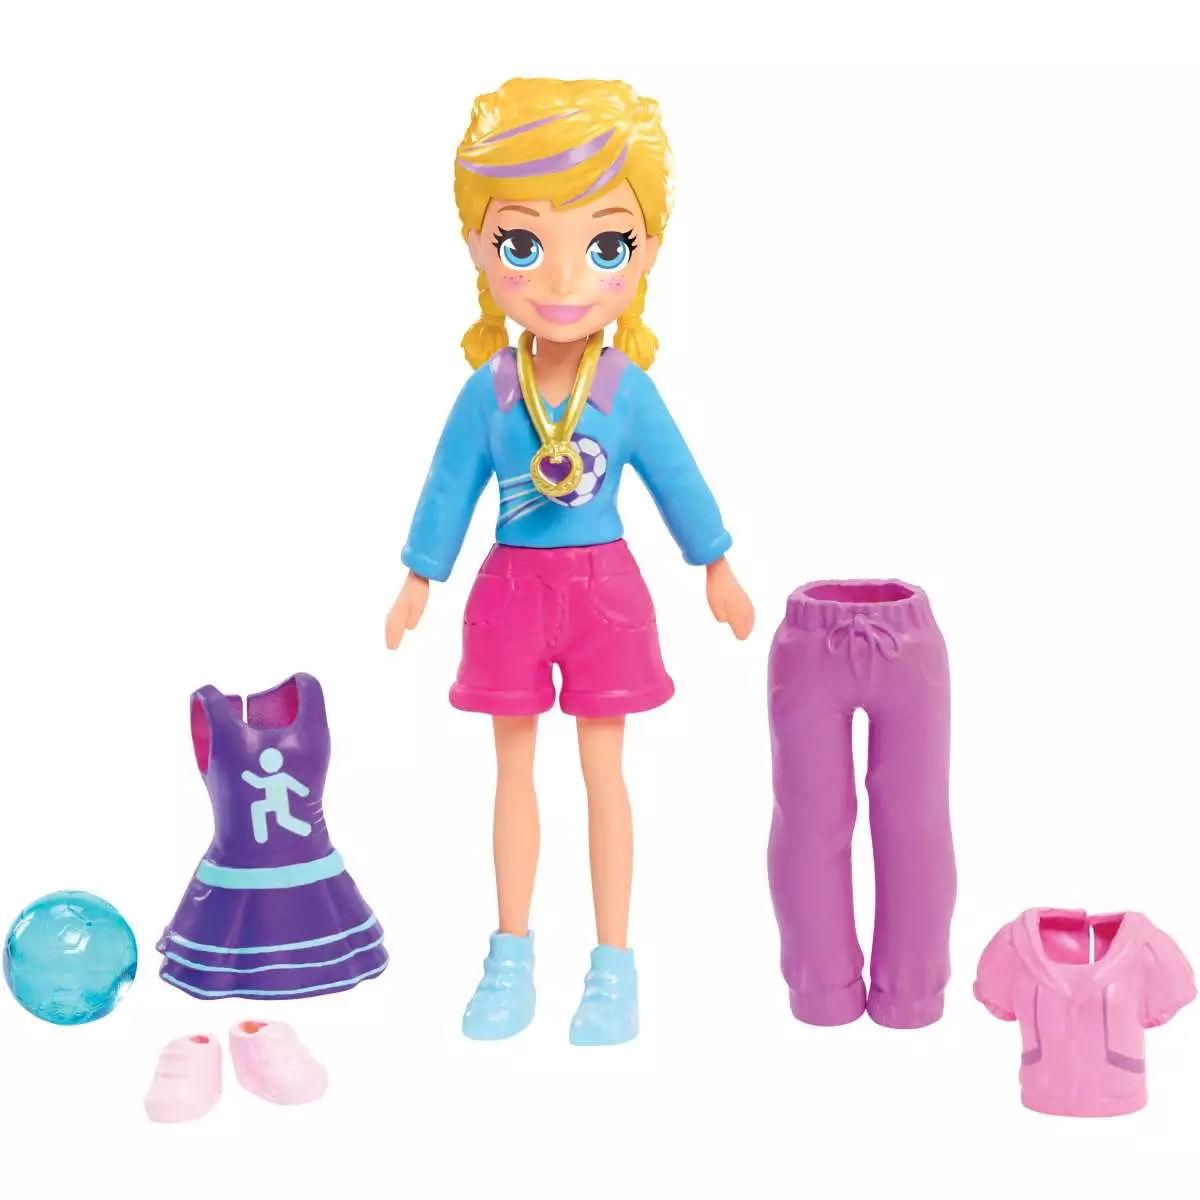 Boneca Polly Pocket Estrela de Futebol -  GDL97 - Mattel